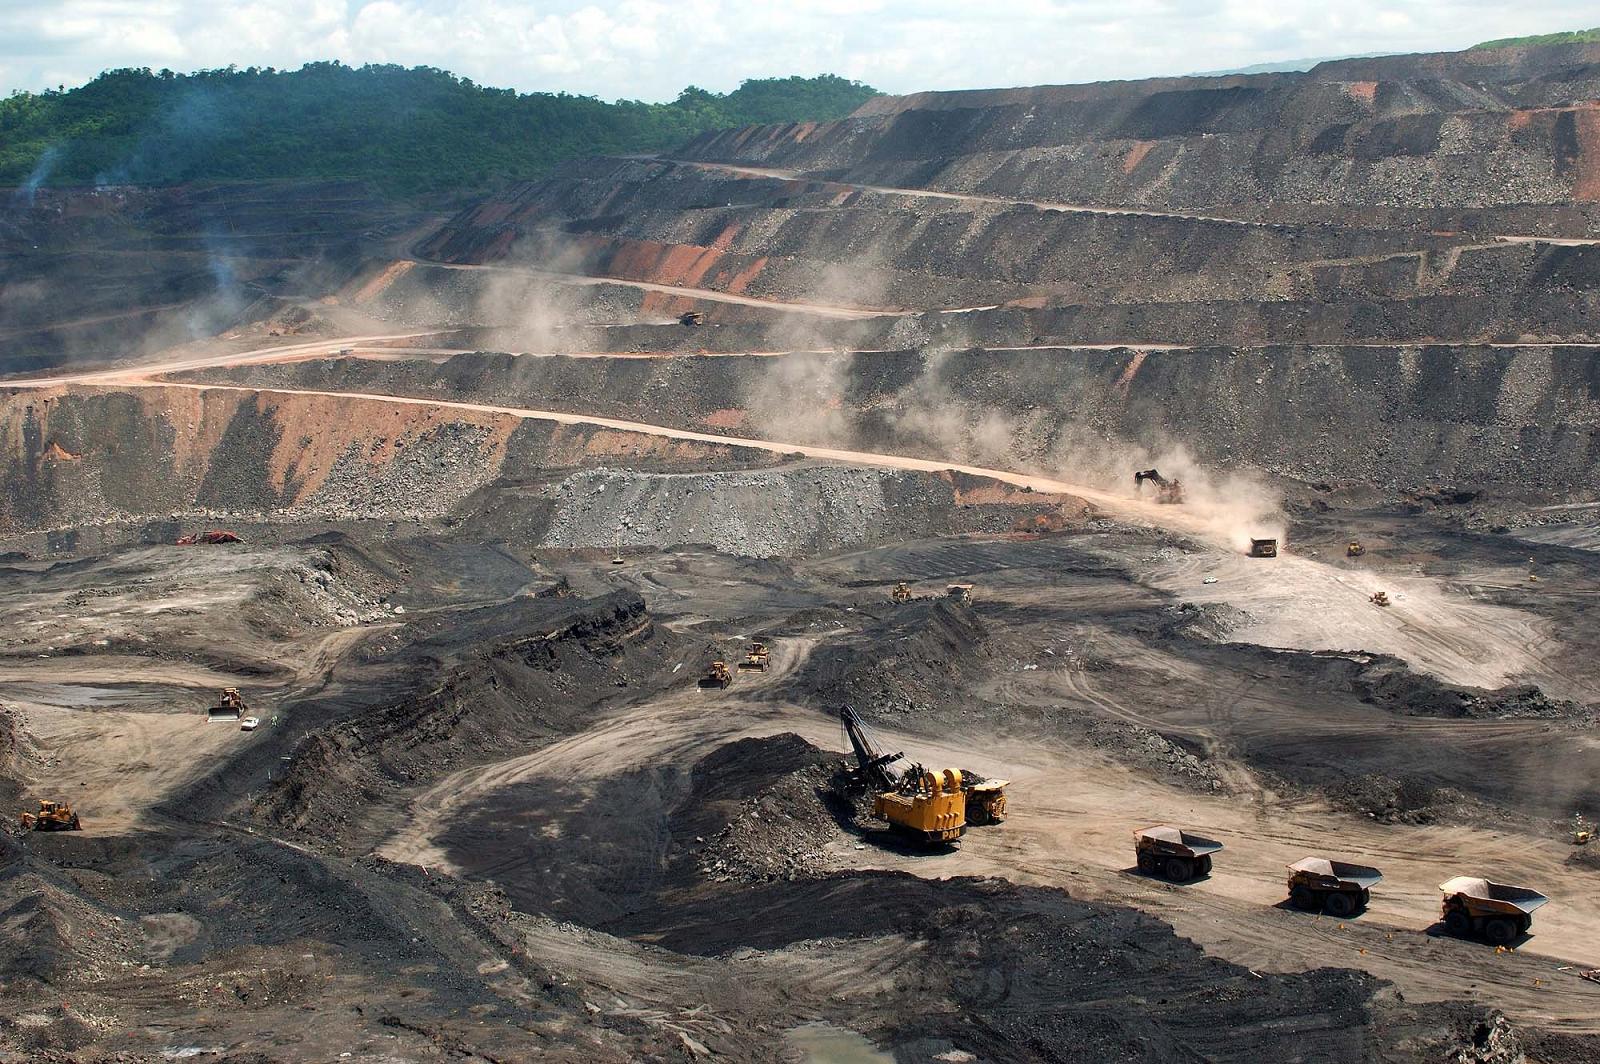 Unos 1,200 millones de lempiras le ha dejado a Honduras la industria minera